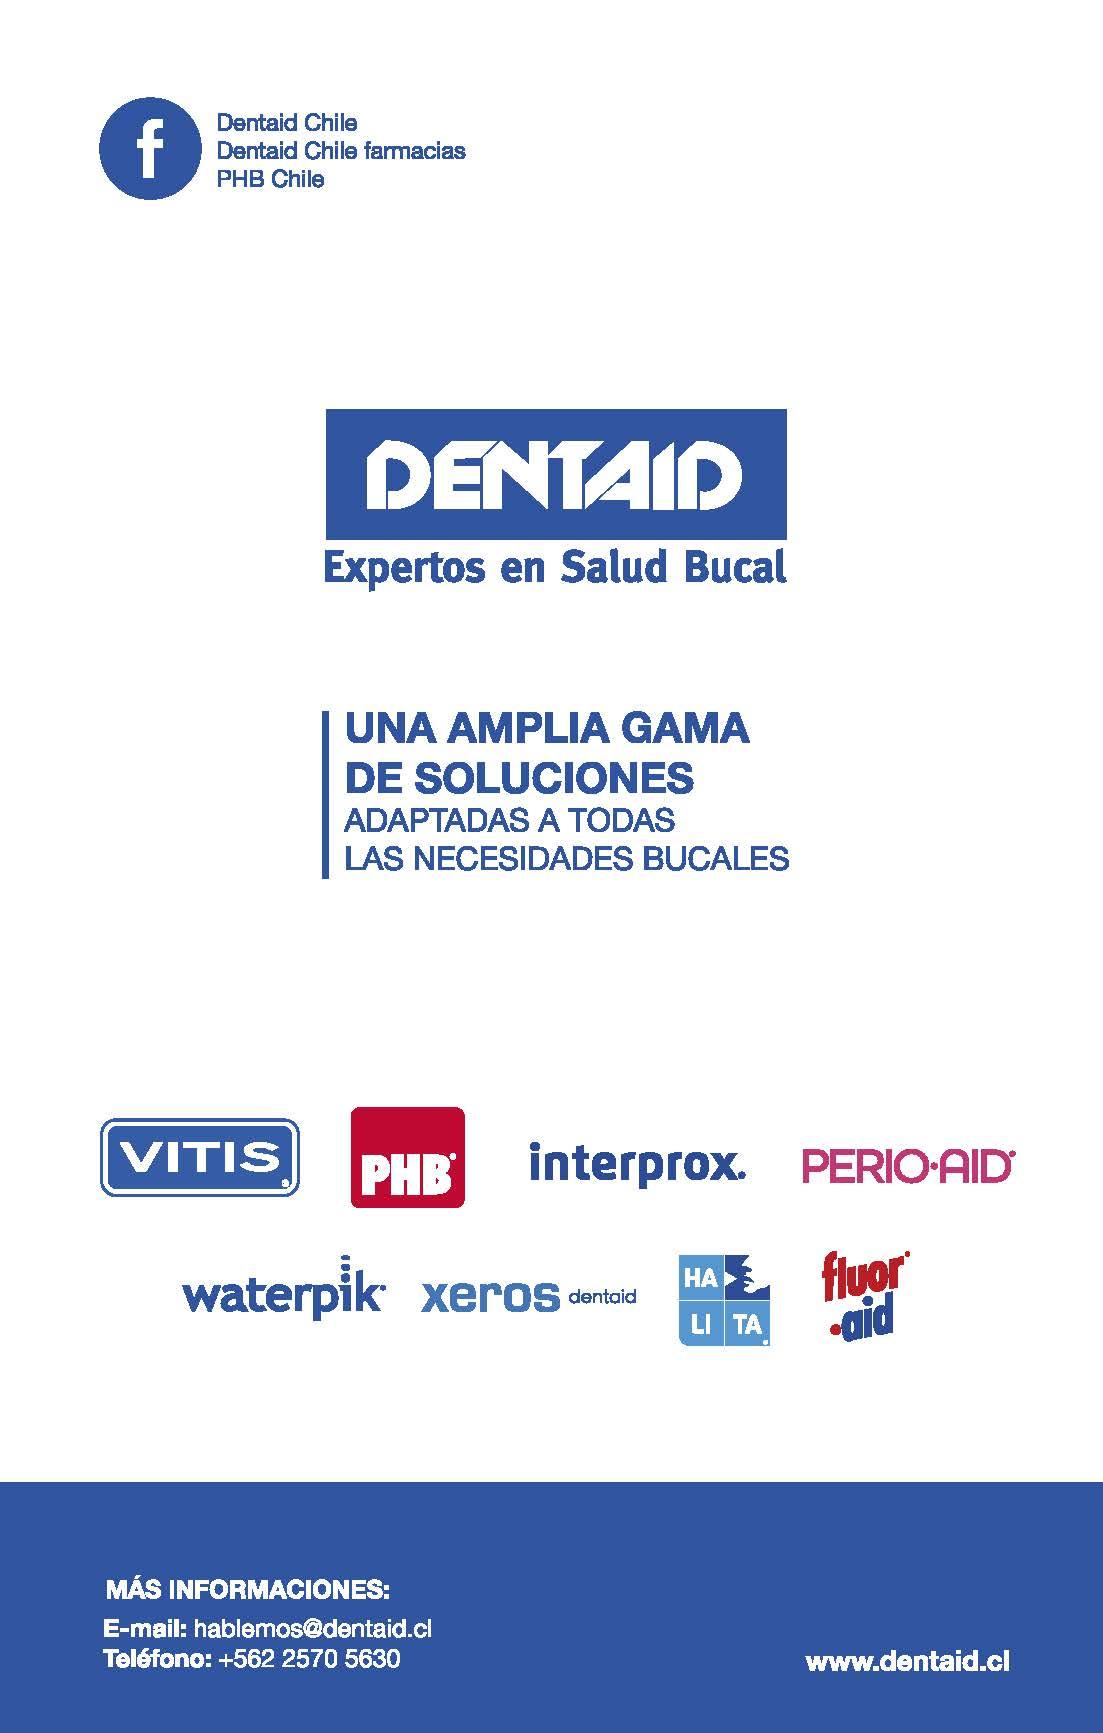 Dentaid (4)